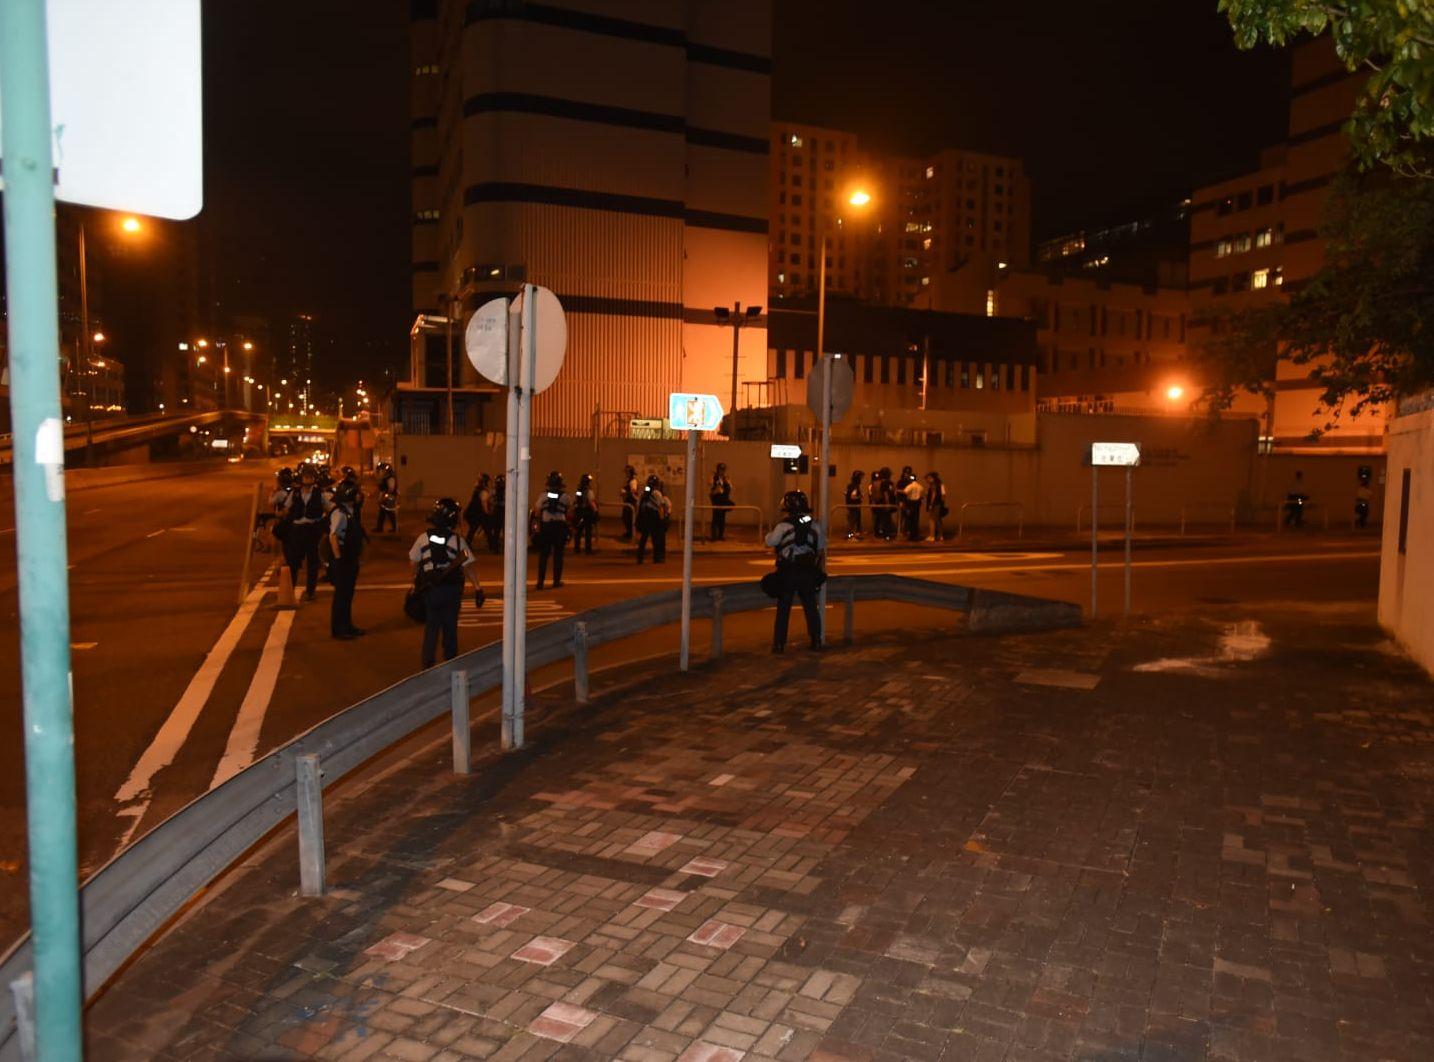 在牛頭角警署外的示威者已散去。